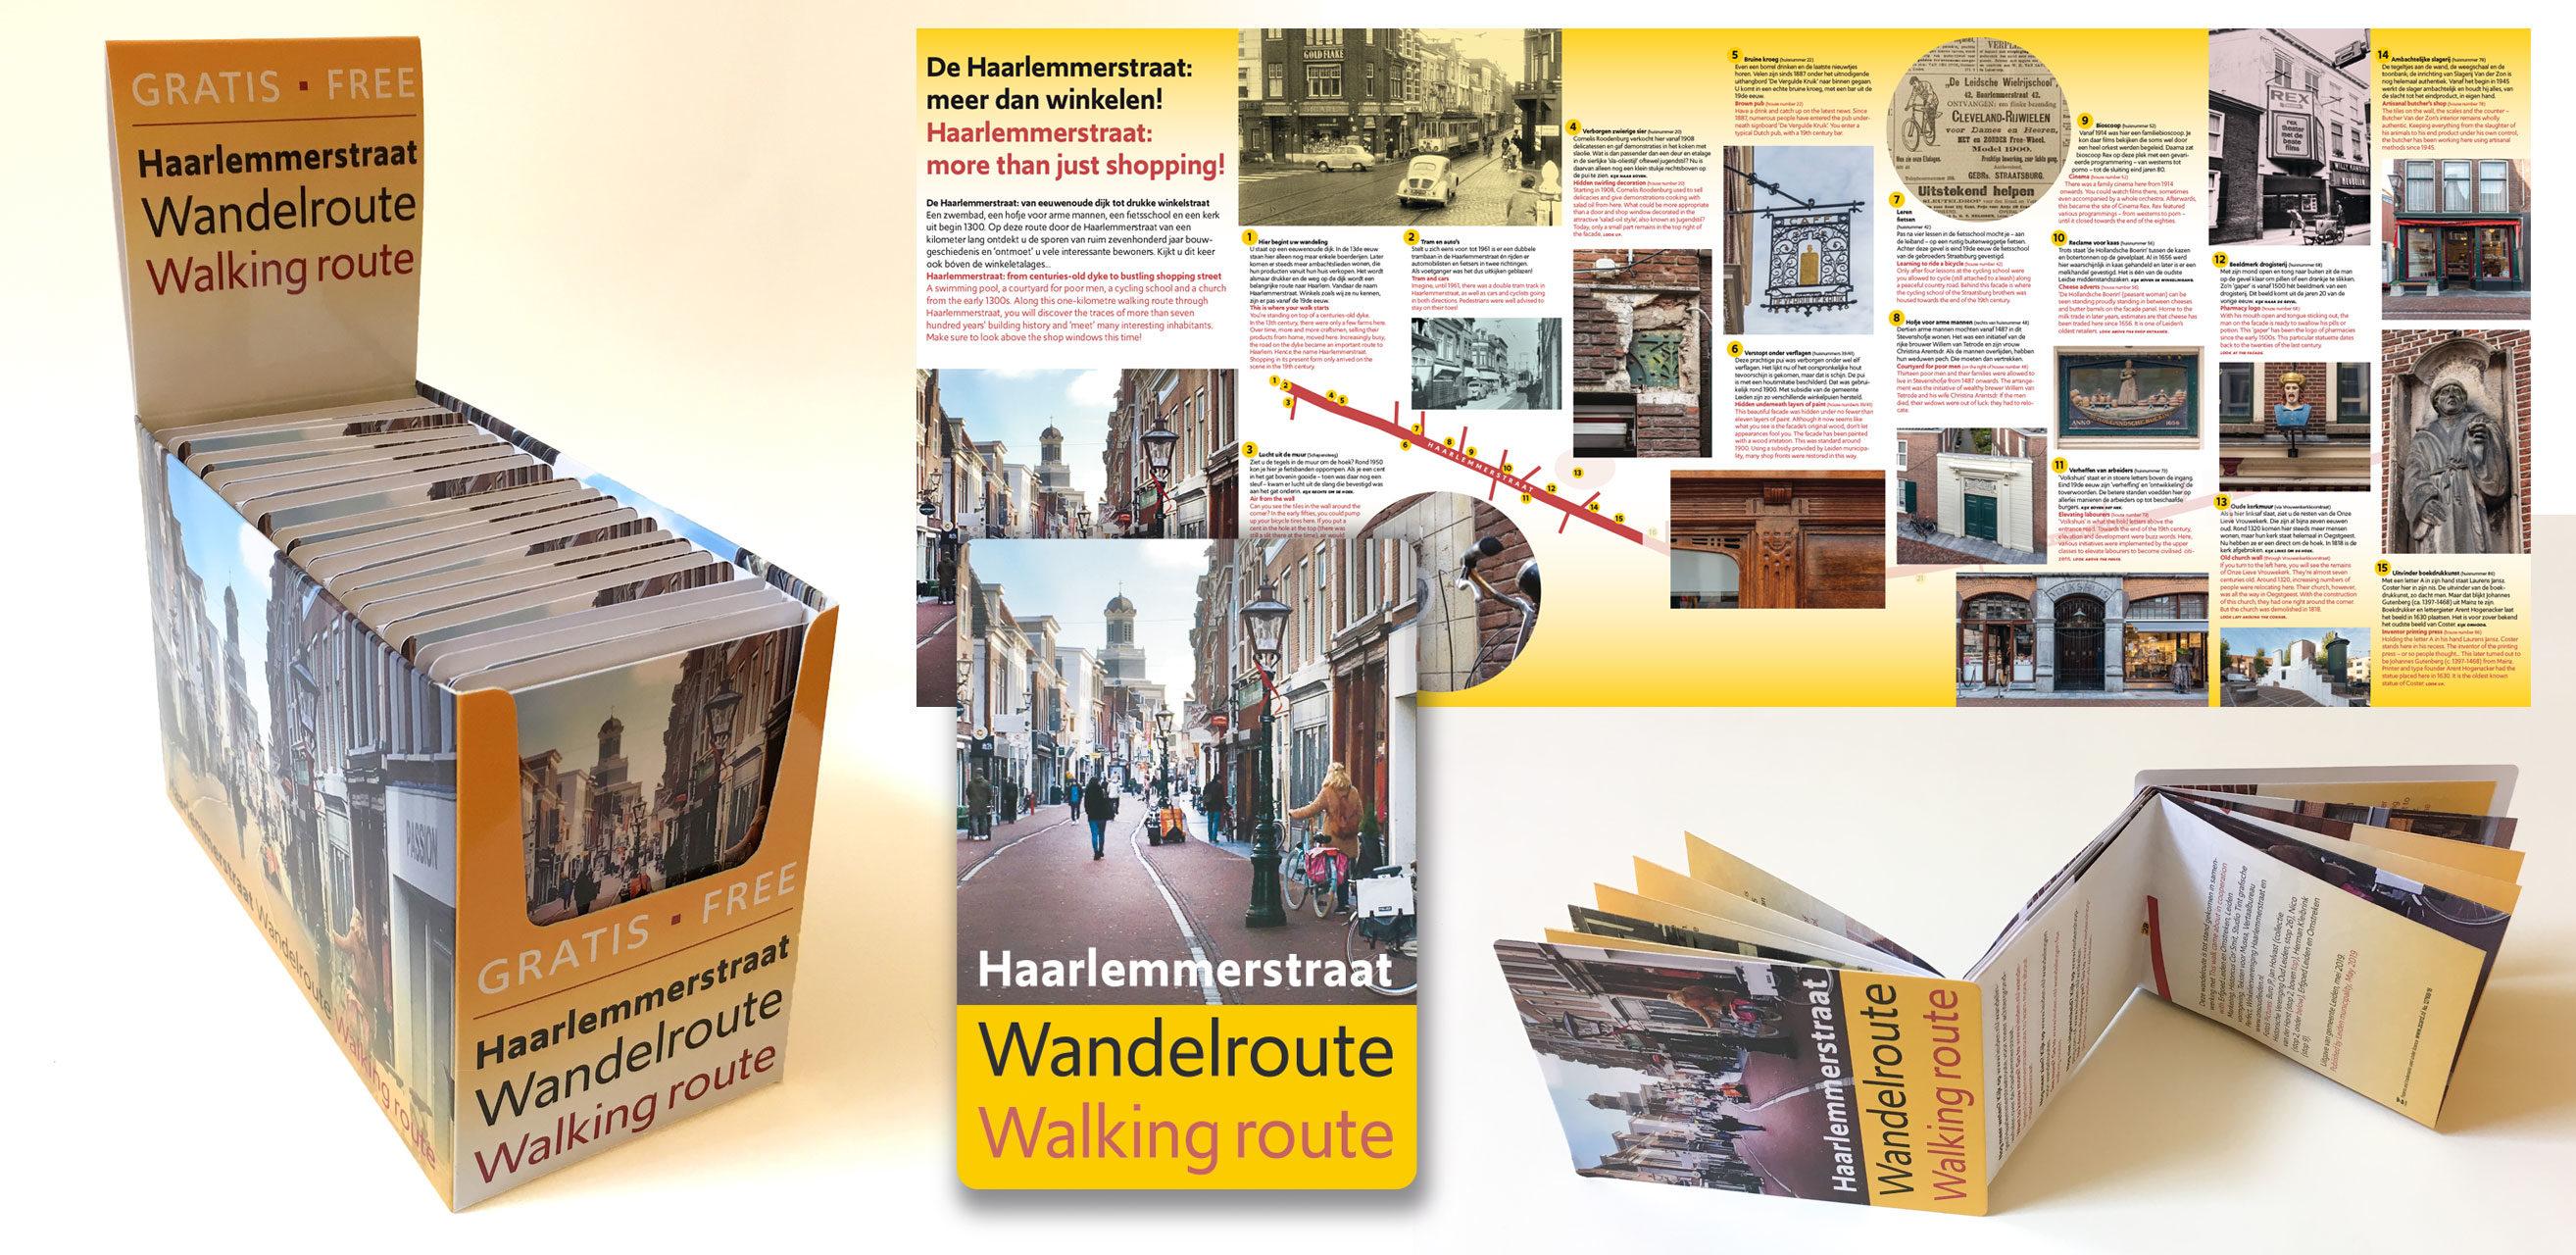 Haarlemmerstraat wandelroute